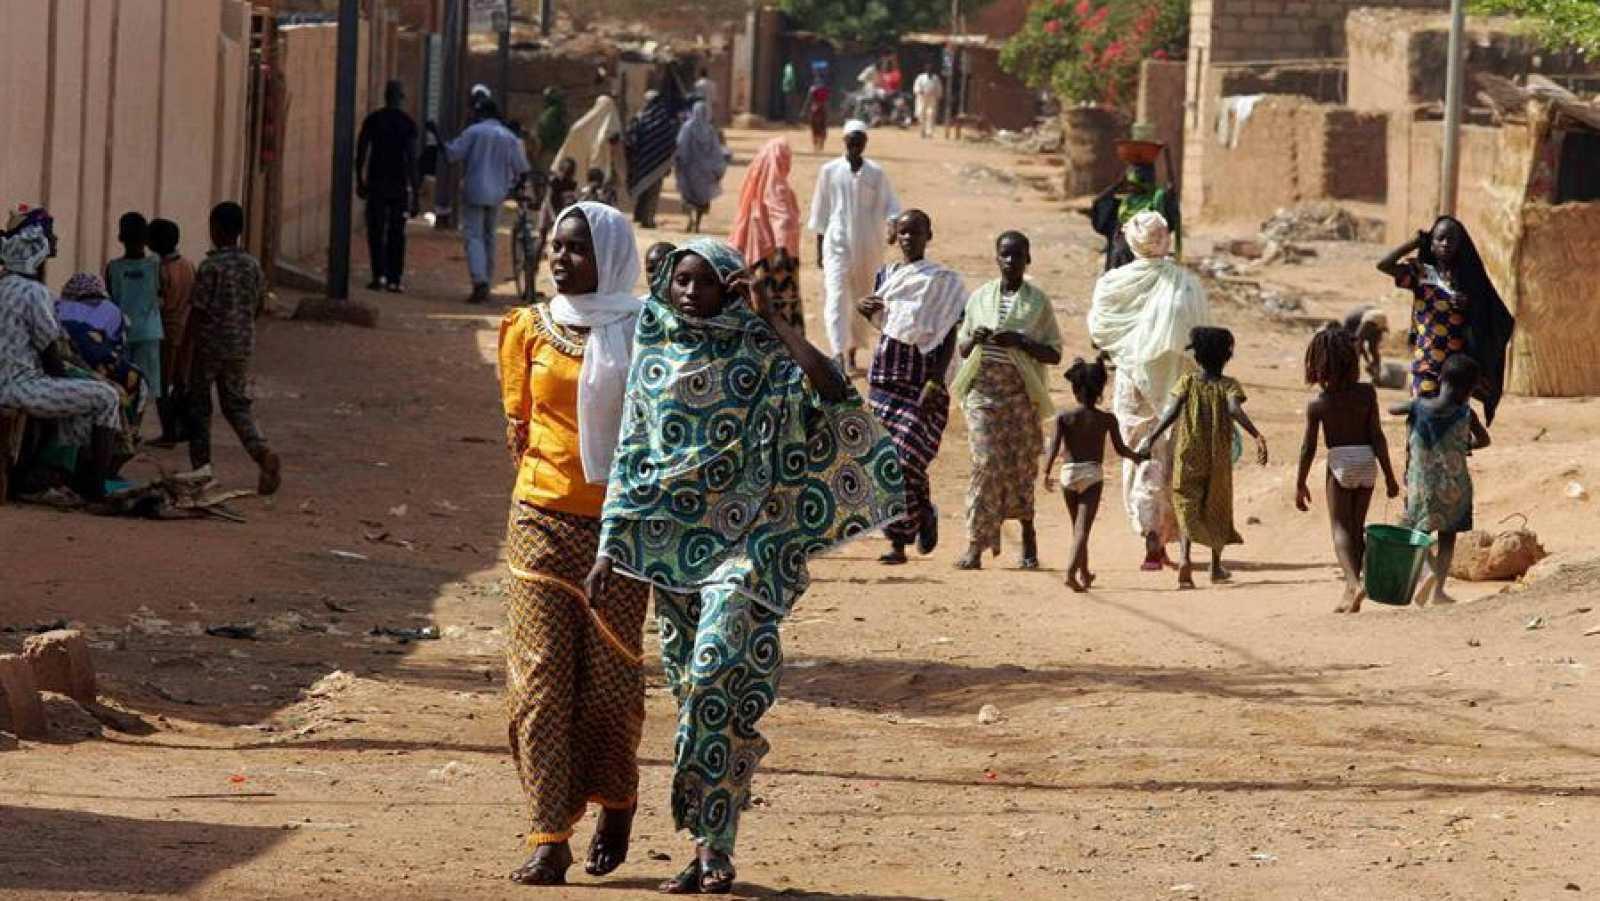 Imagen de archivo de una calle sin asfaltar en Niamey, capital de Níger.